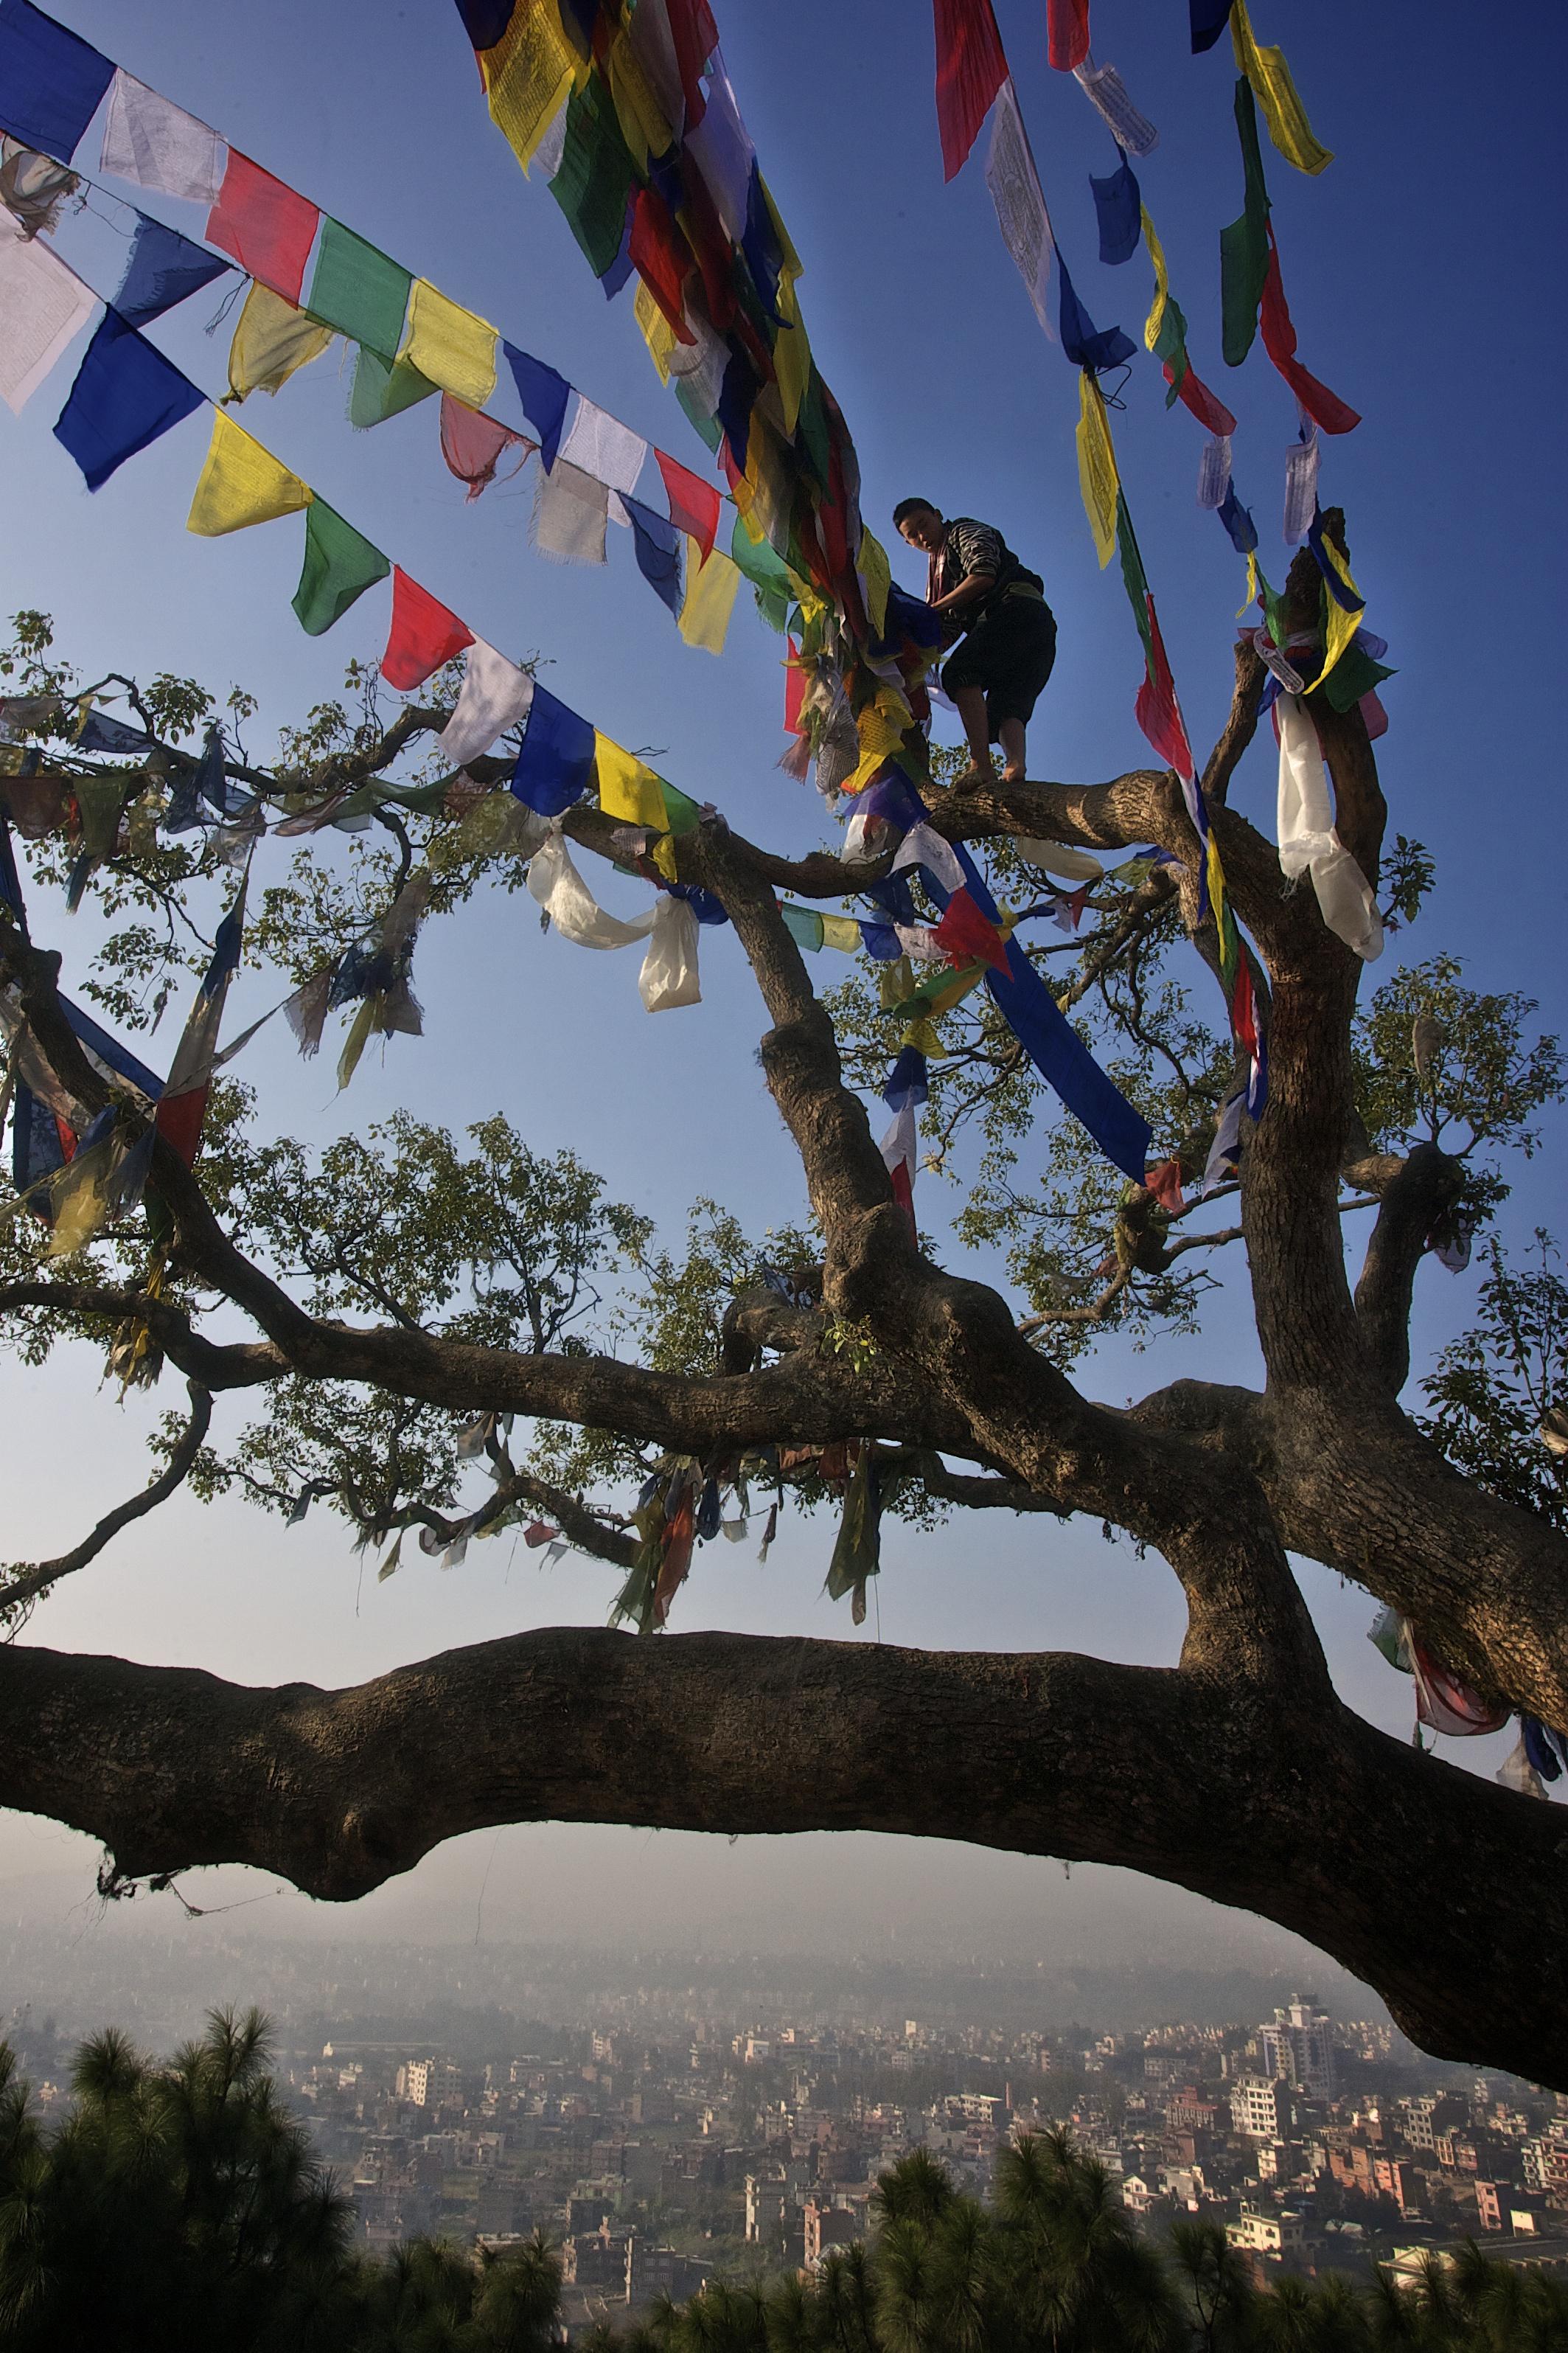 Boeddhistische gebedsvlaggen op het Swayambhunath tempel complex.